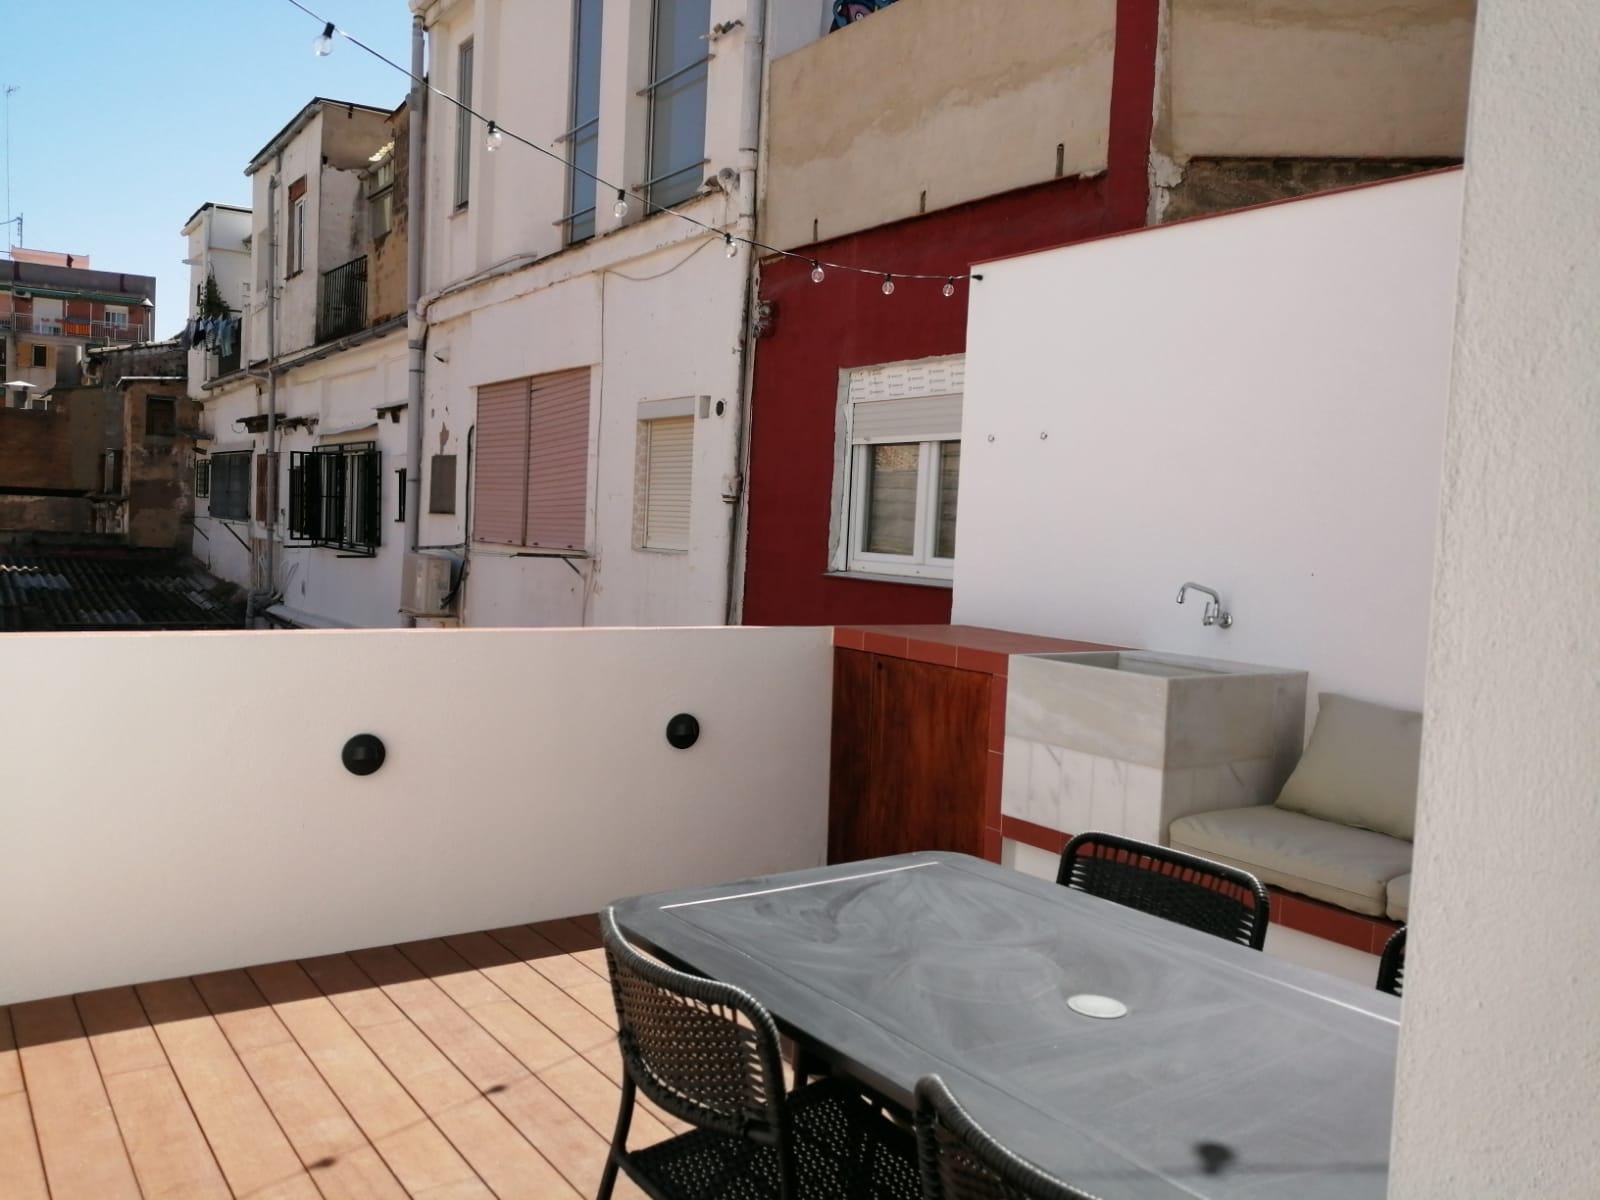 Francesc - 3 bedroom flat for expats in Valencia